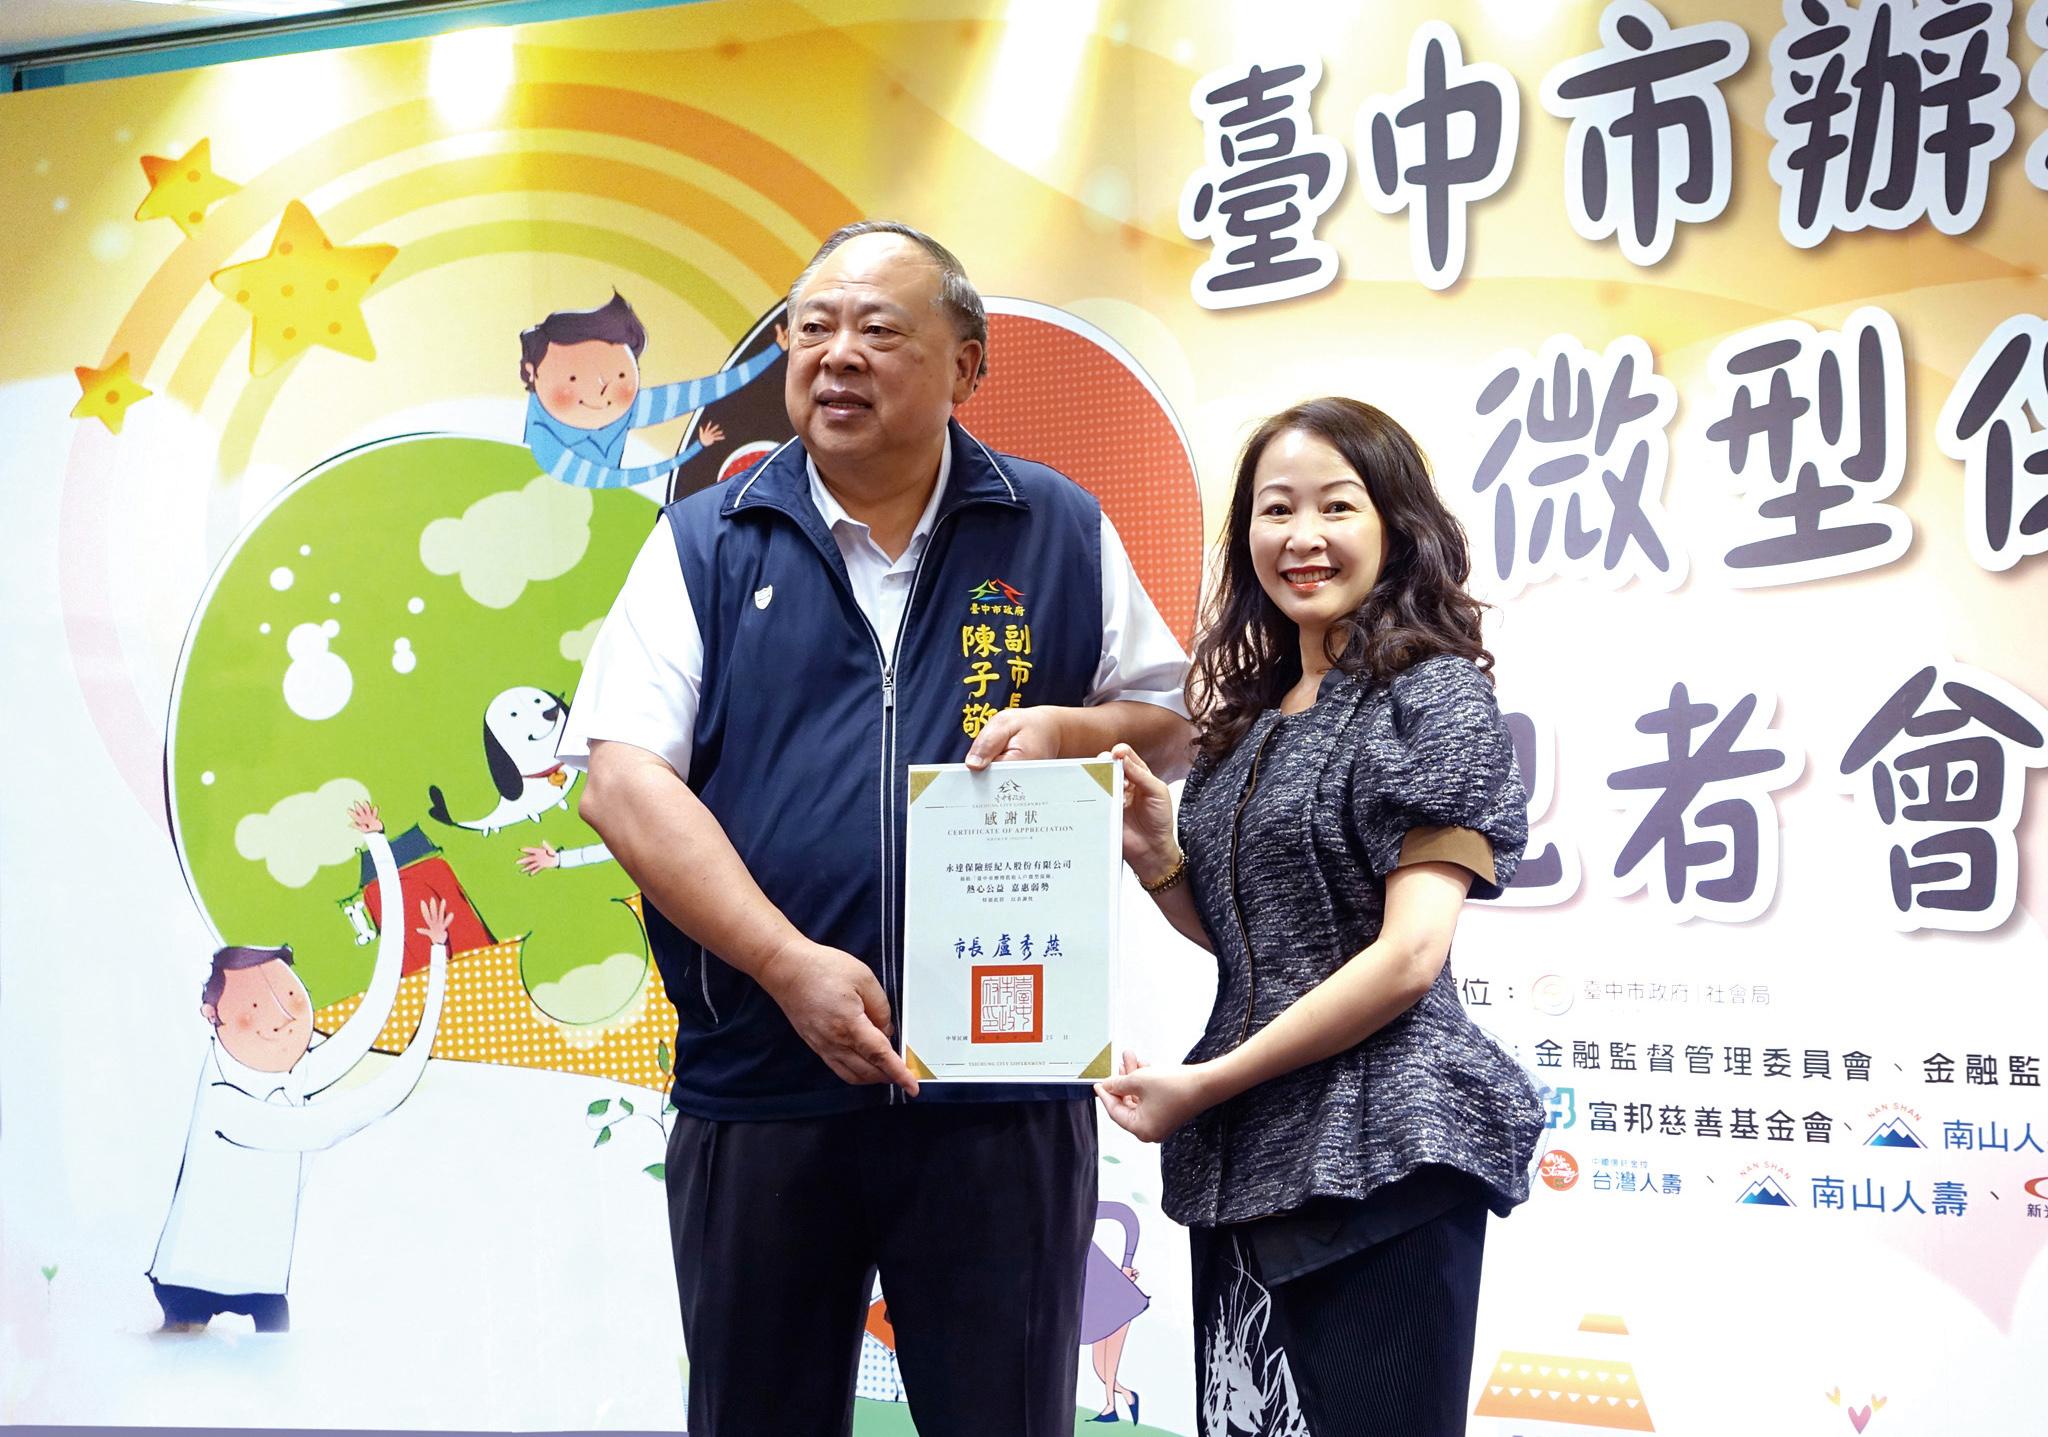 臺中市陳子敬副市長(左)頒發感謝狀予永達保險經紀人暨永達社福基金會代表謝梅君副總經理。